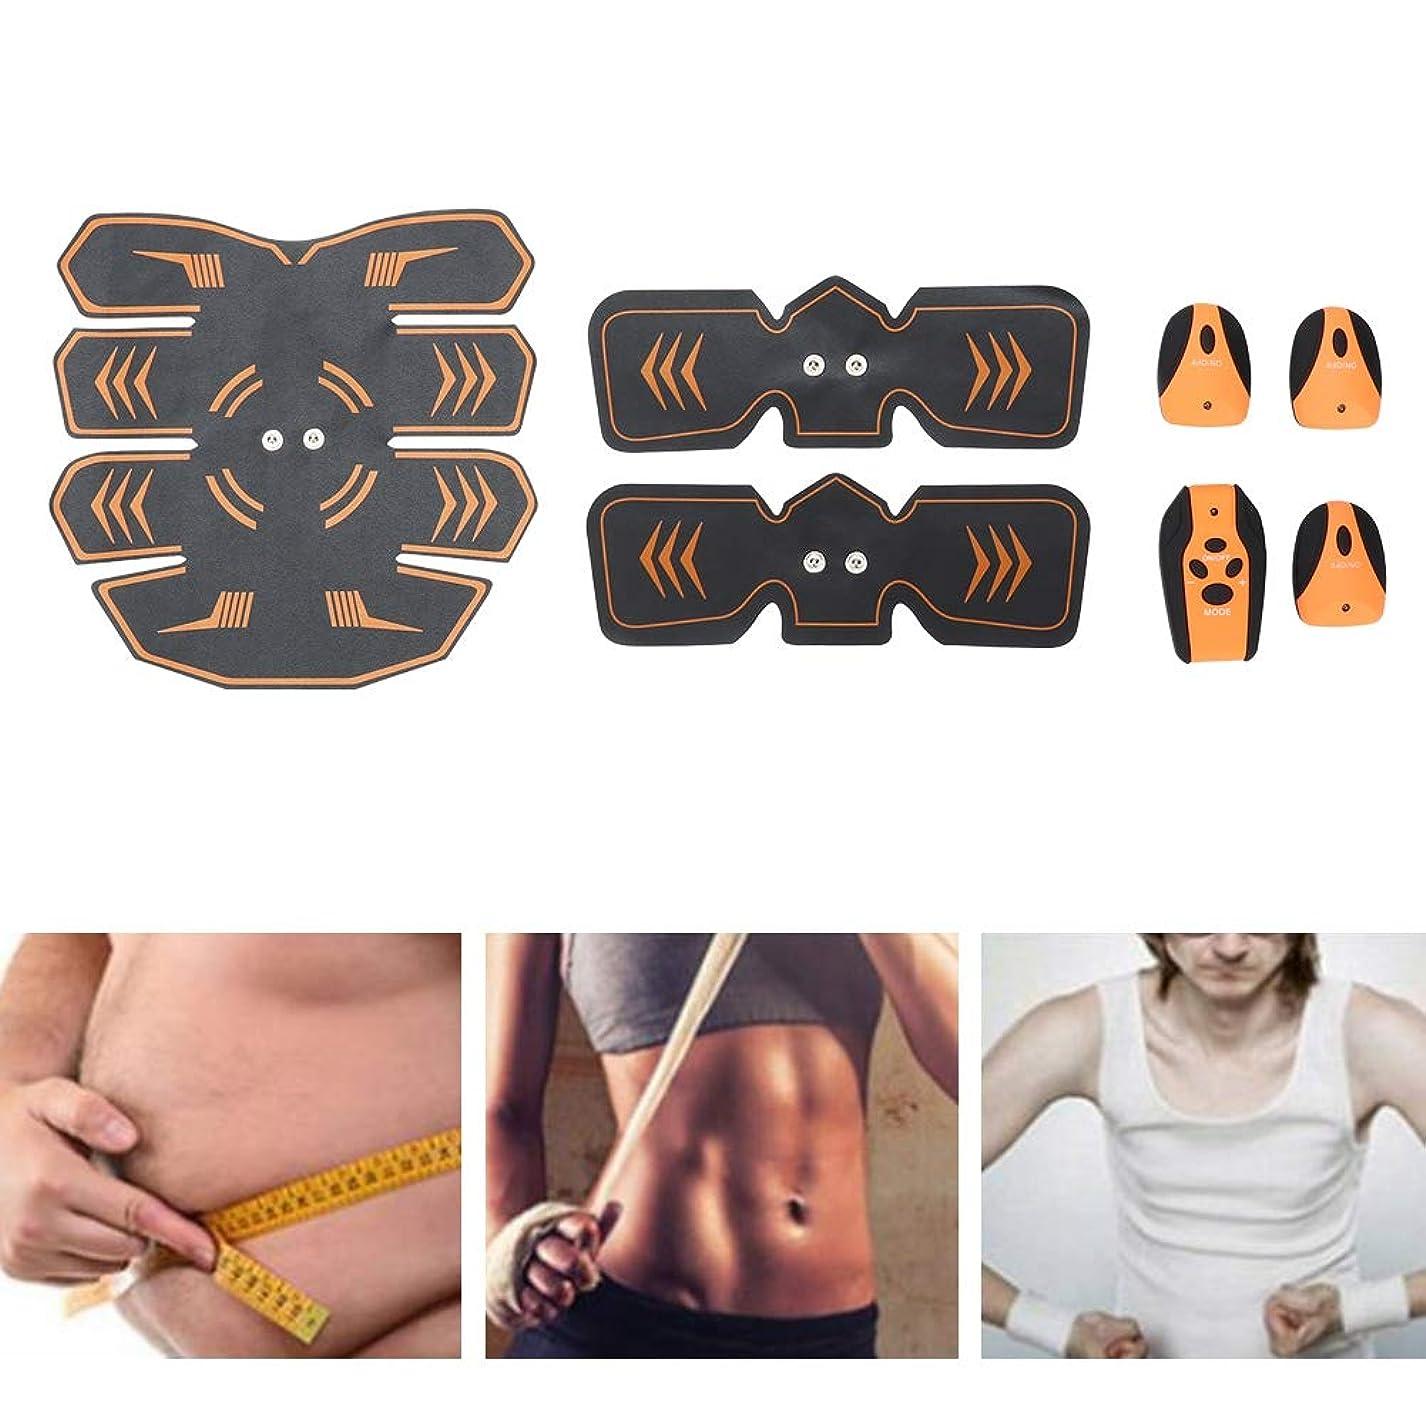 人類メッシュ爪腹部刺激装置、EMS Abdominalr腹部筋肉刺激装置腹部トレーナー/ウエスト/腕/脚アームウエストフィットネストレーニングギア